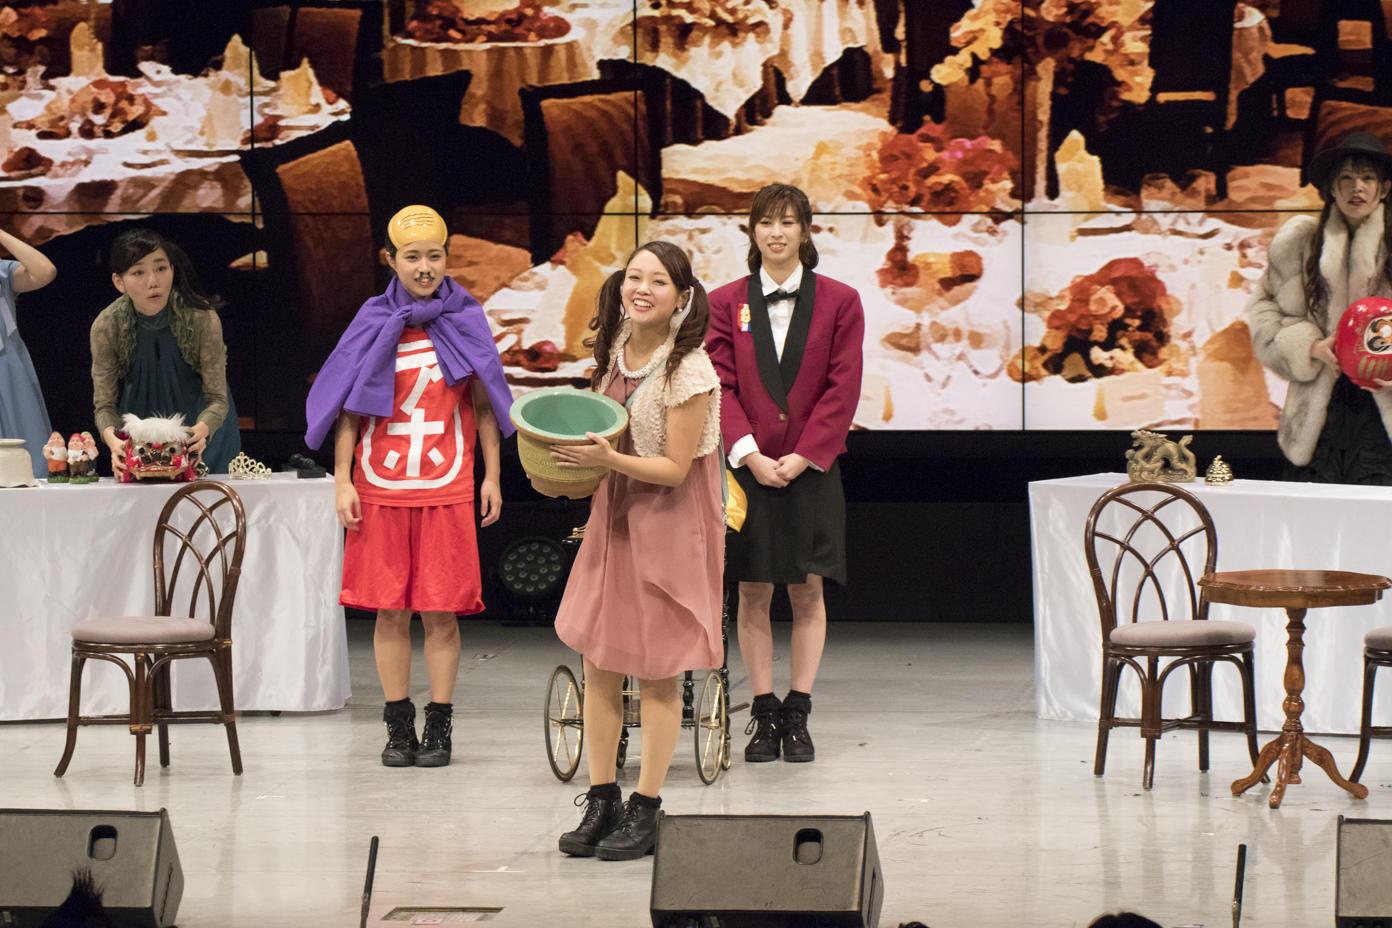 http://news.yoshimoto.co.jp/20161228155137-2144d6f4da7a18bacc3c5f89fb72f1a9e3274d4e.jpg